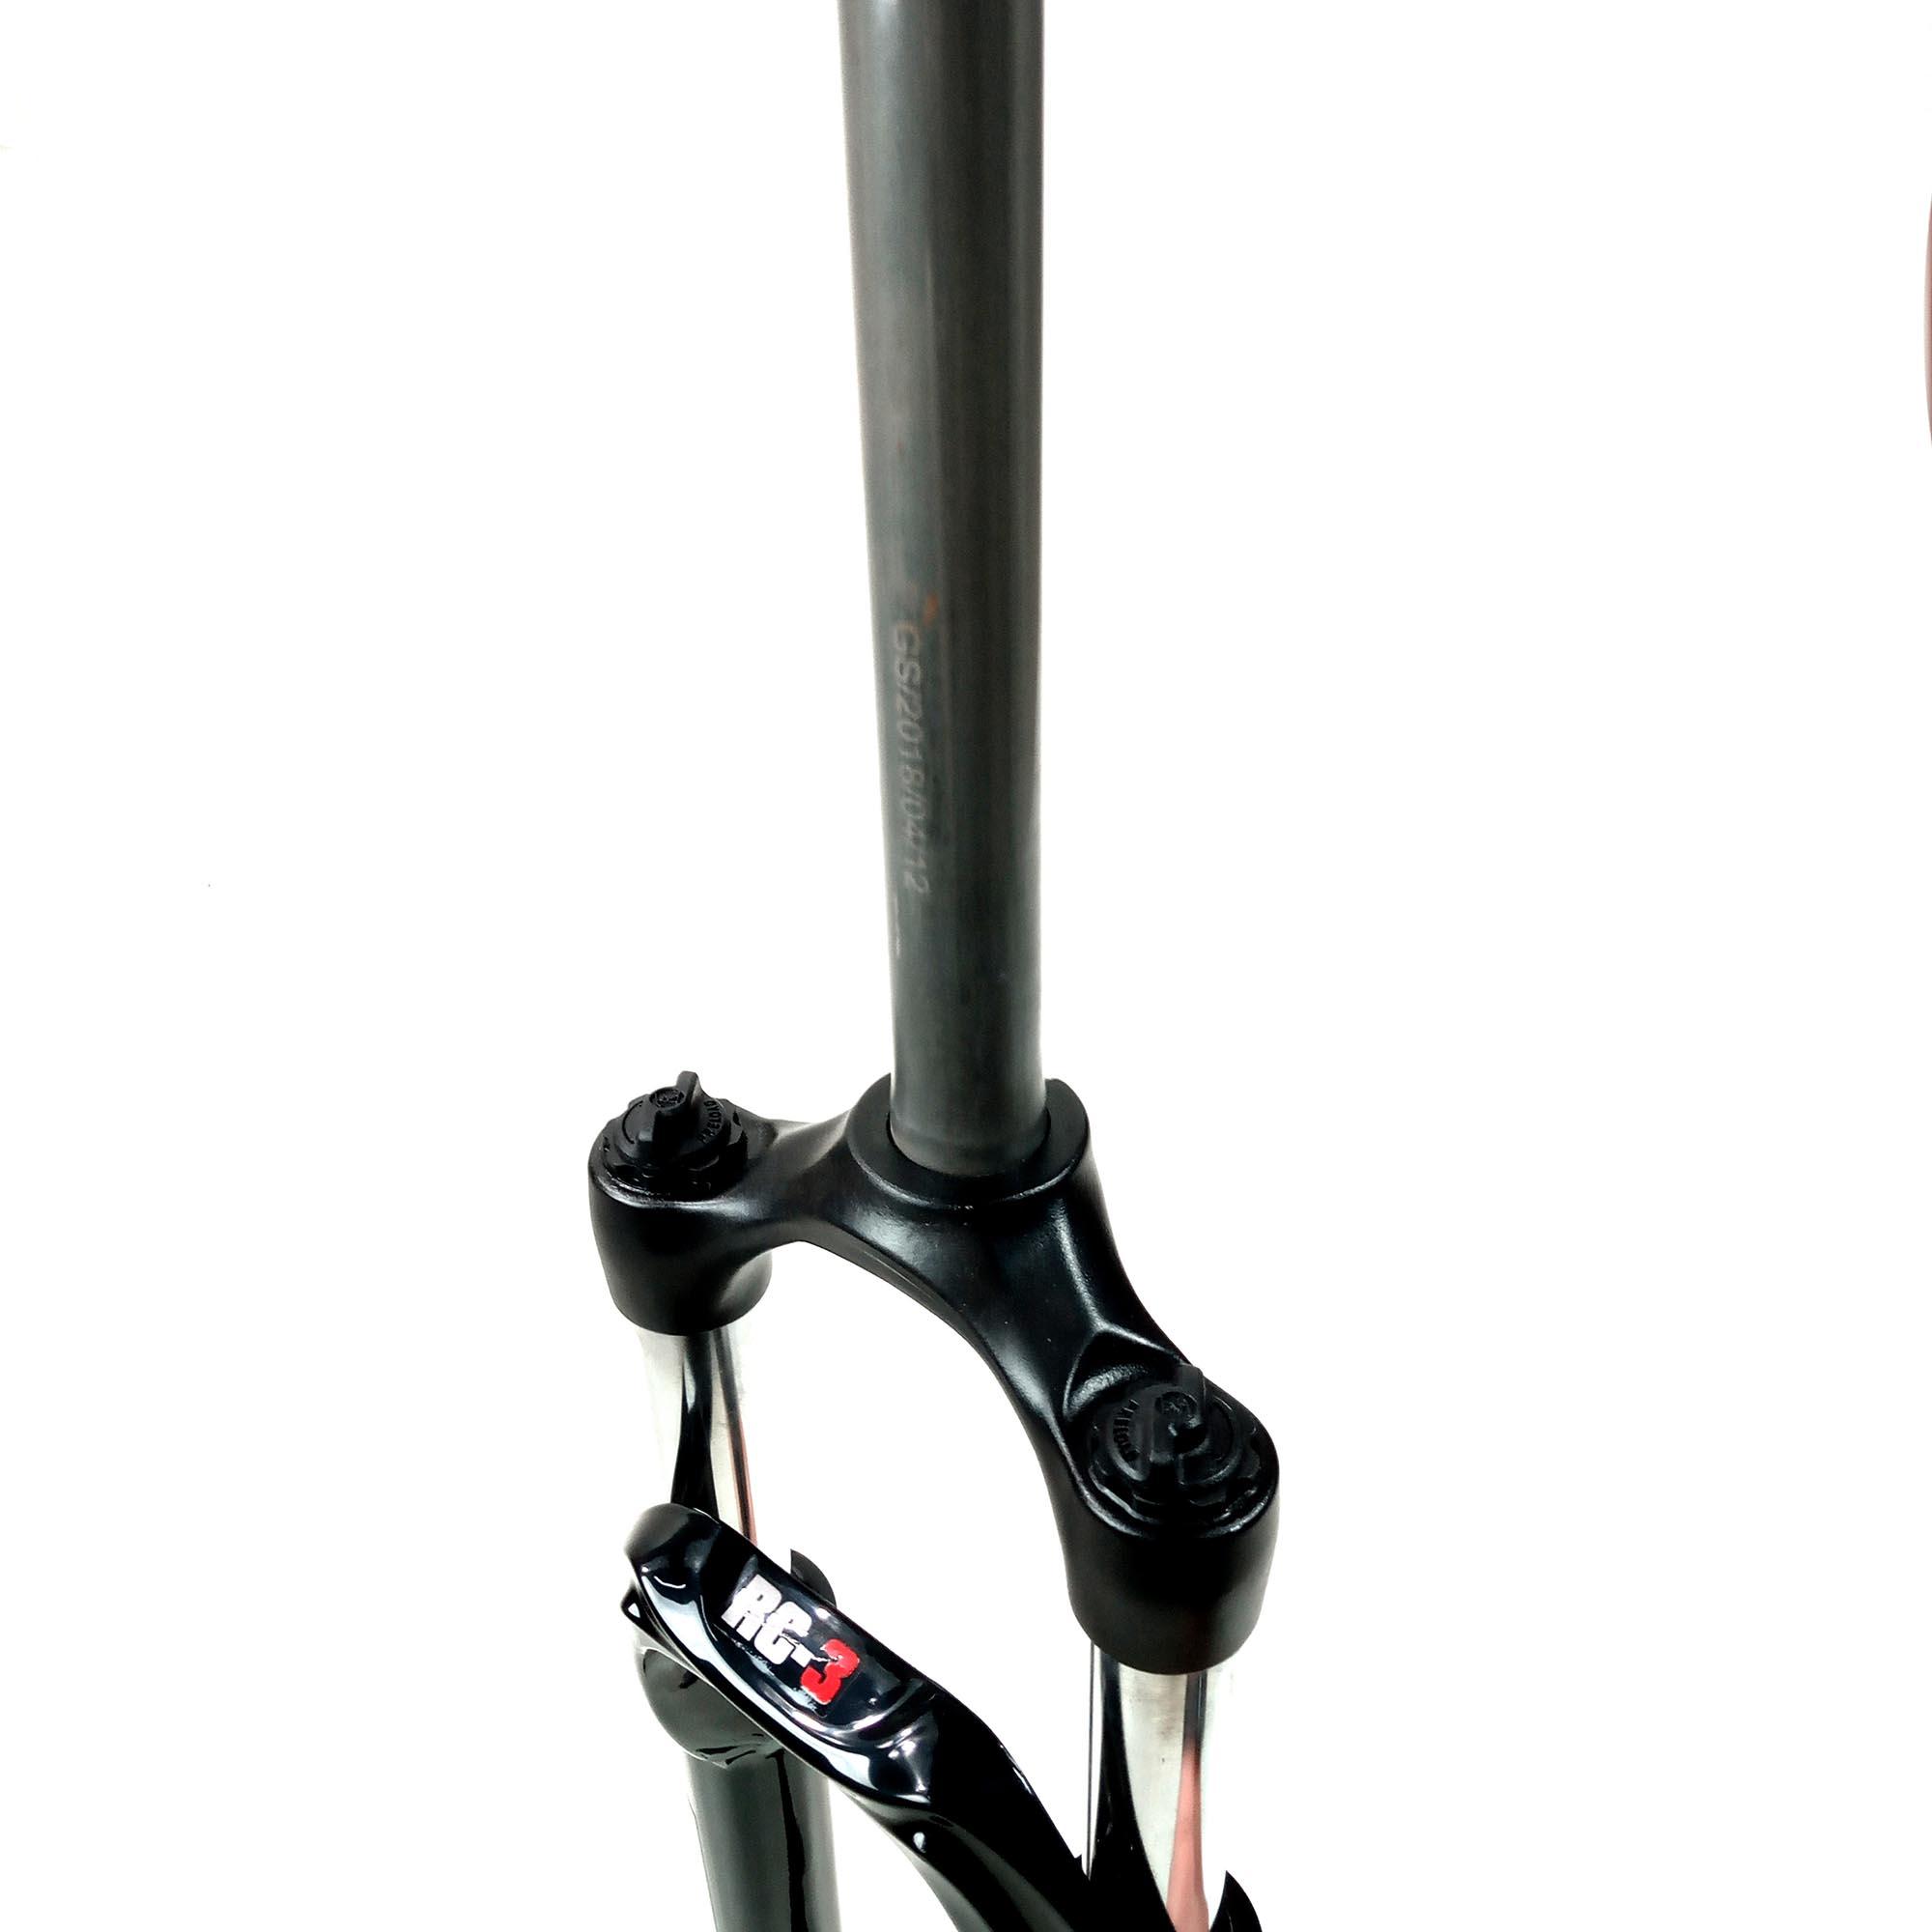 Amortecedores de Bike a Mola sem Trava 29Ltx  Suspensao Com Regulagem Ahead Set  Preto T900 RC3 Molas